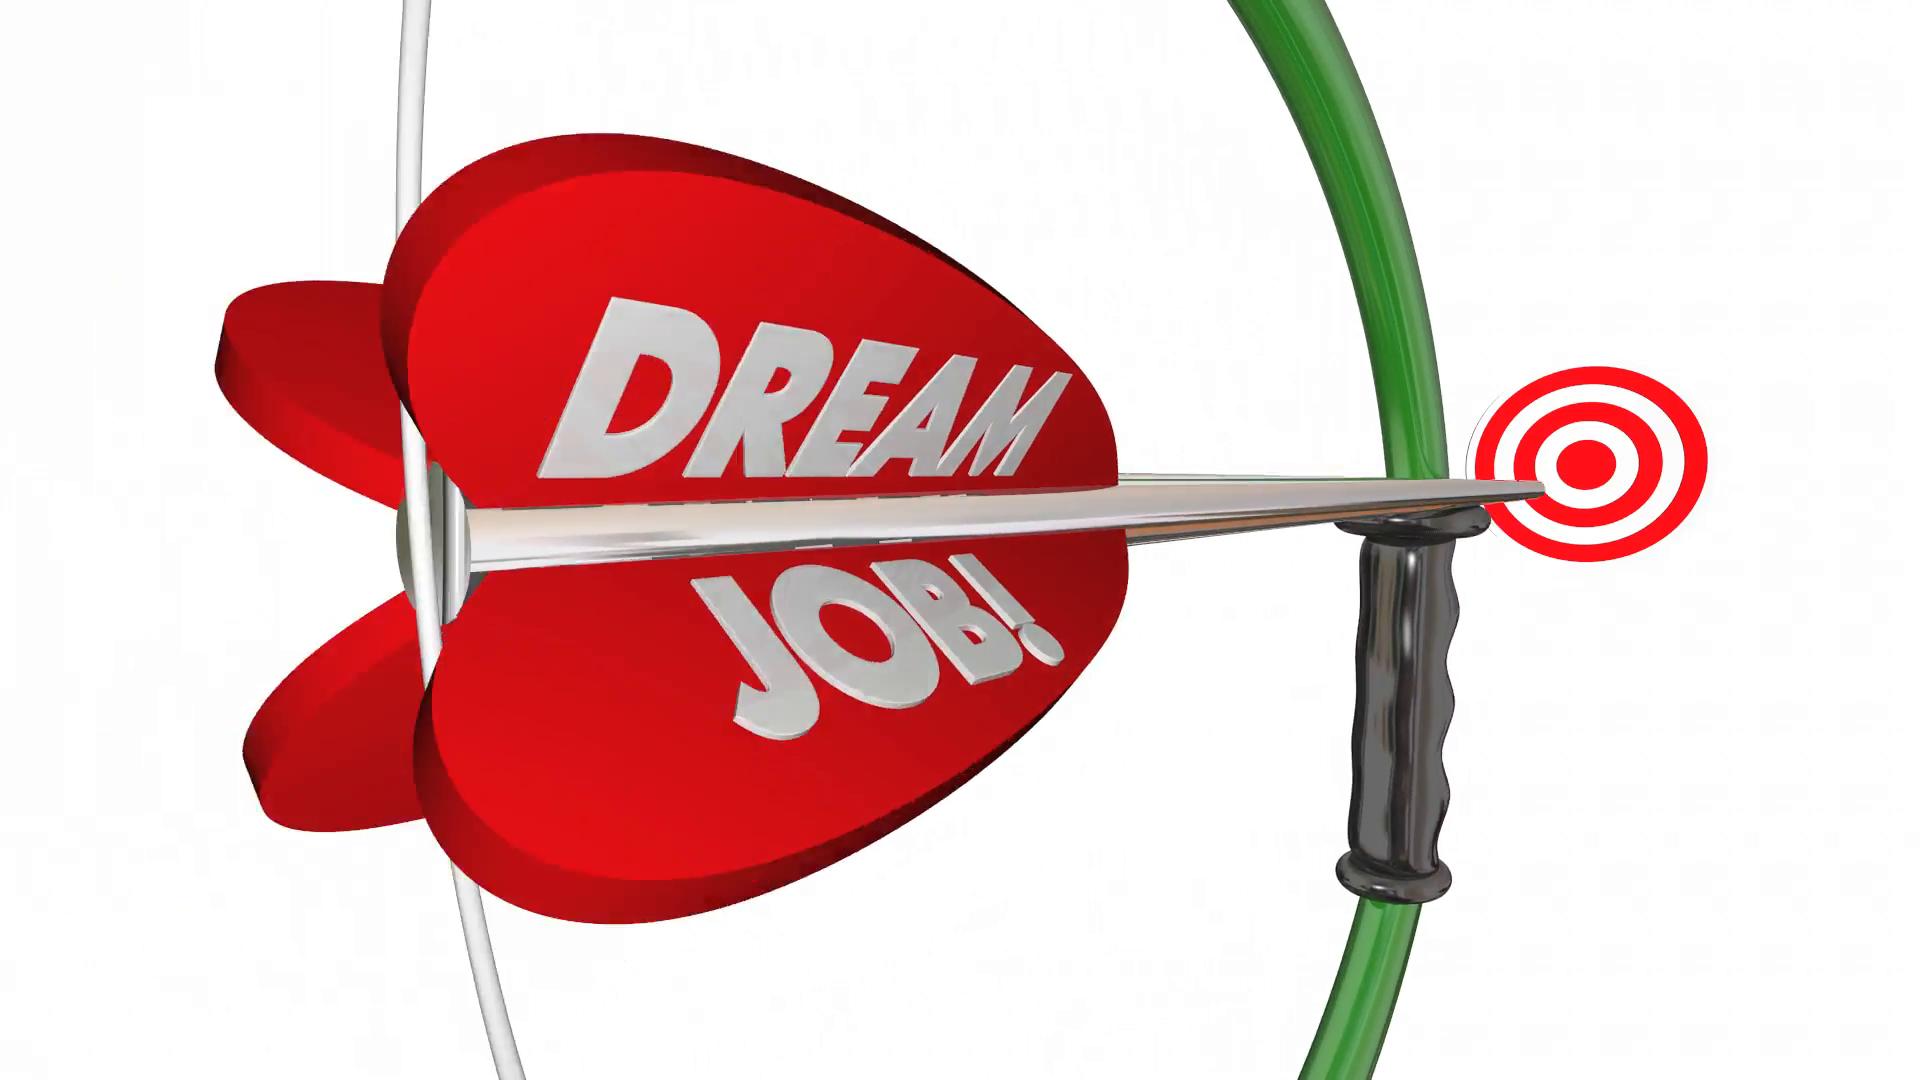 Dream job bow arrow. Archery clipart word